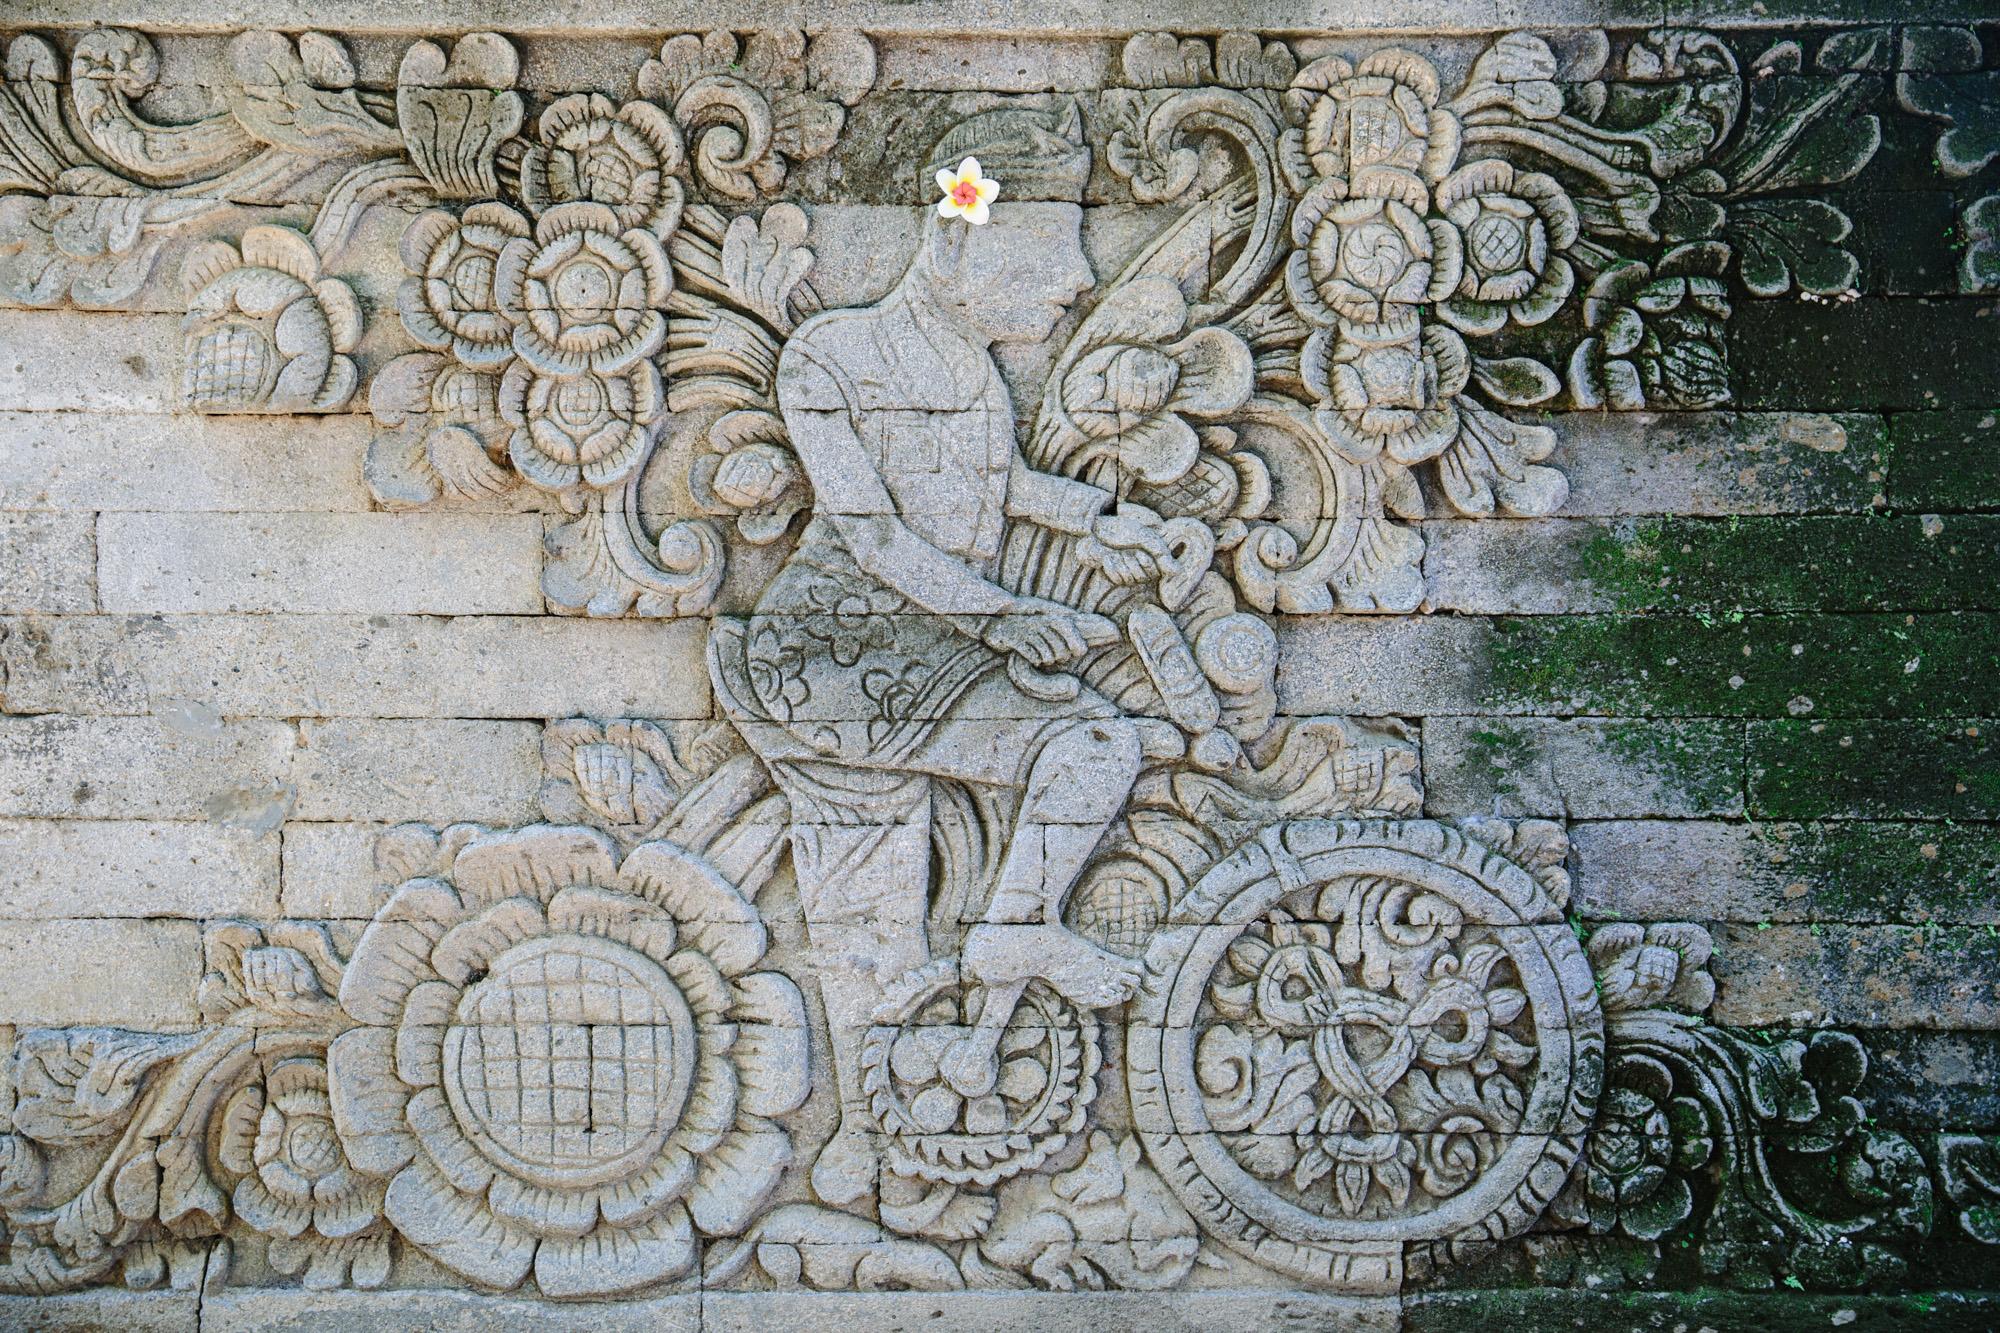 AGP_Bali_027.jpg